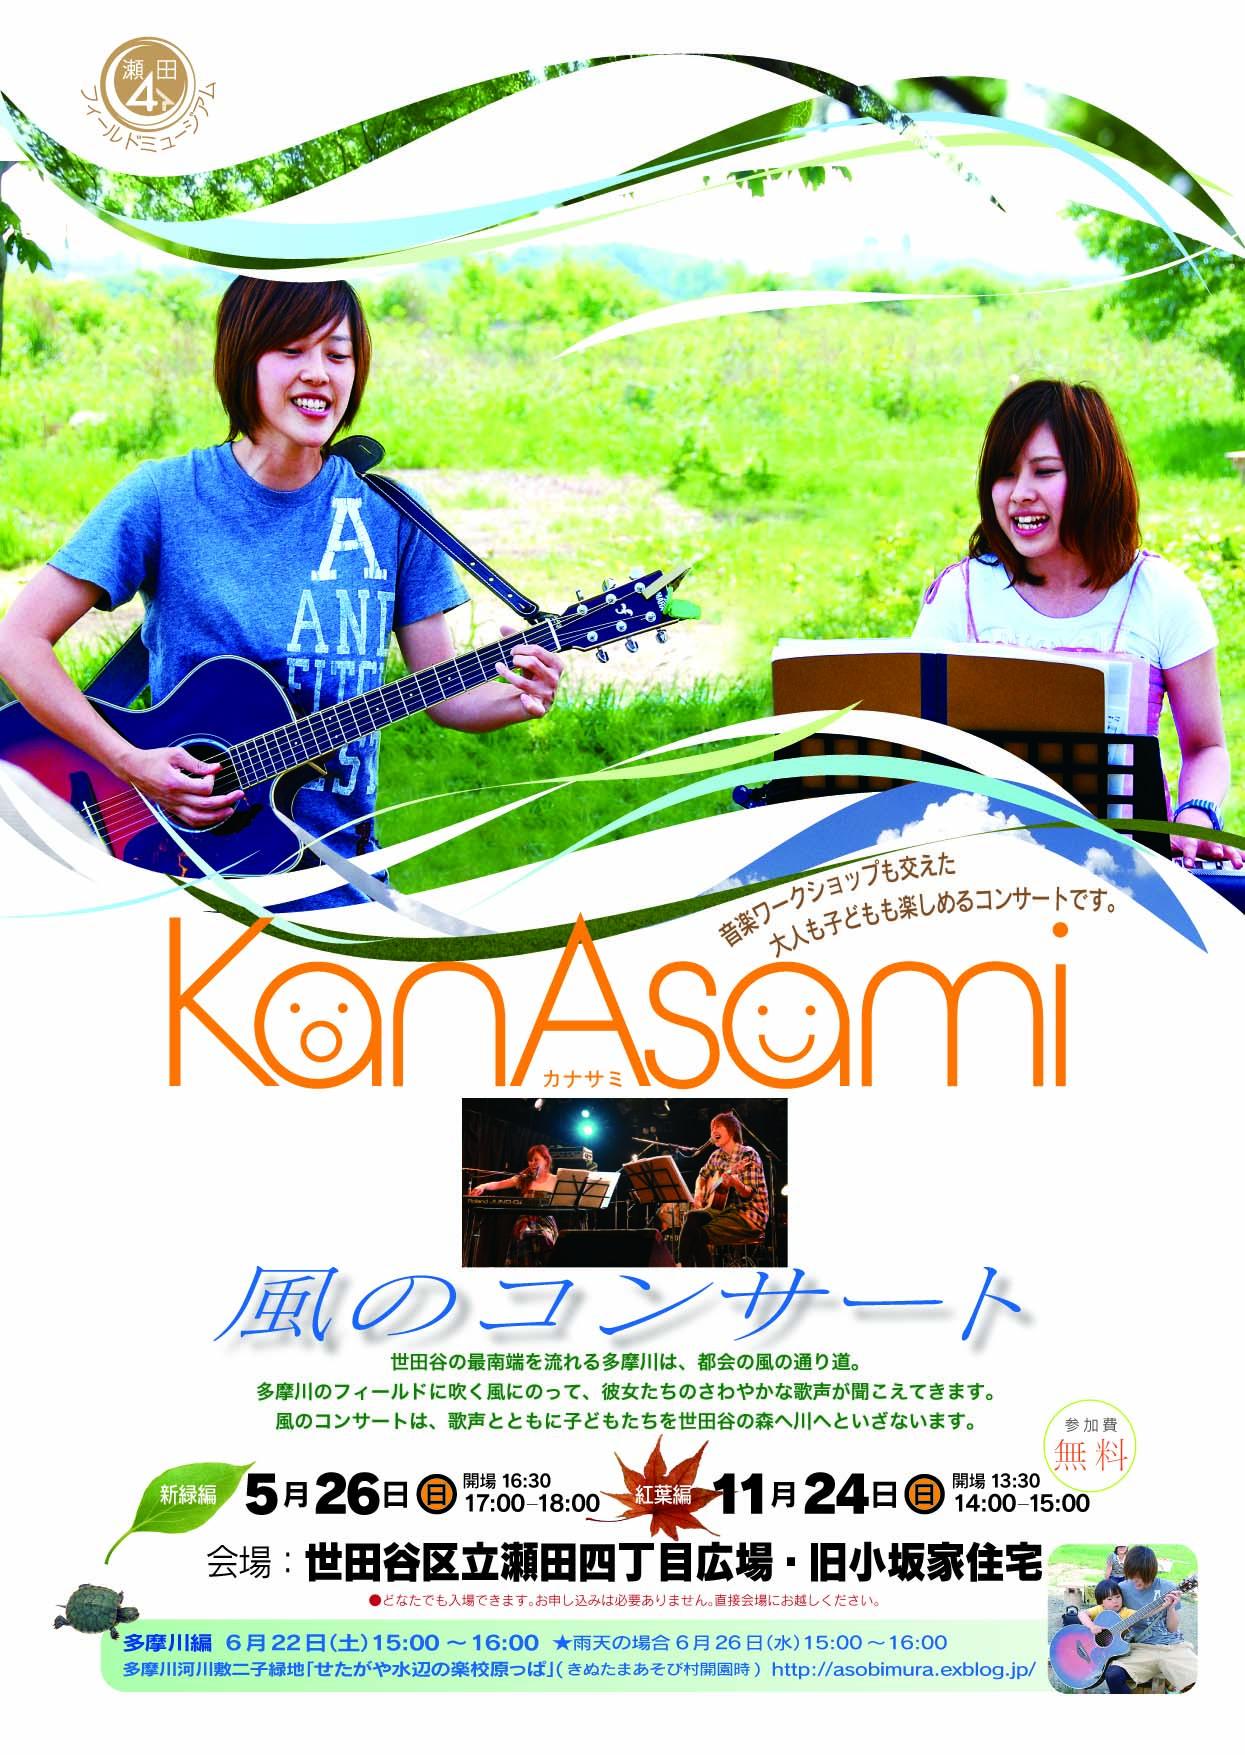 明日5月26日(日)は瀬田4で「KanAsami風のコンサート」_c0120851_5572621.jpg